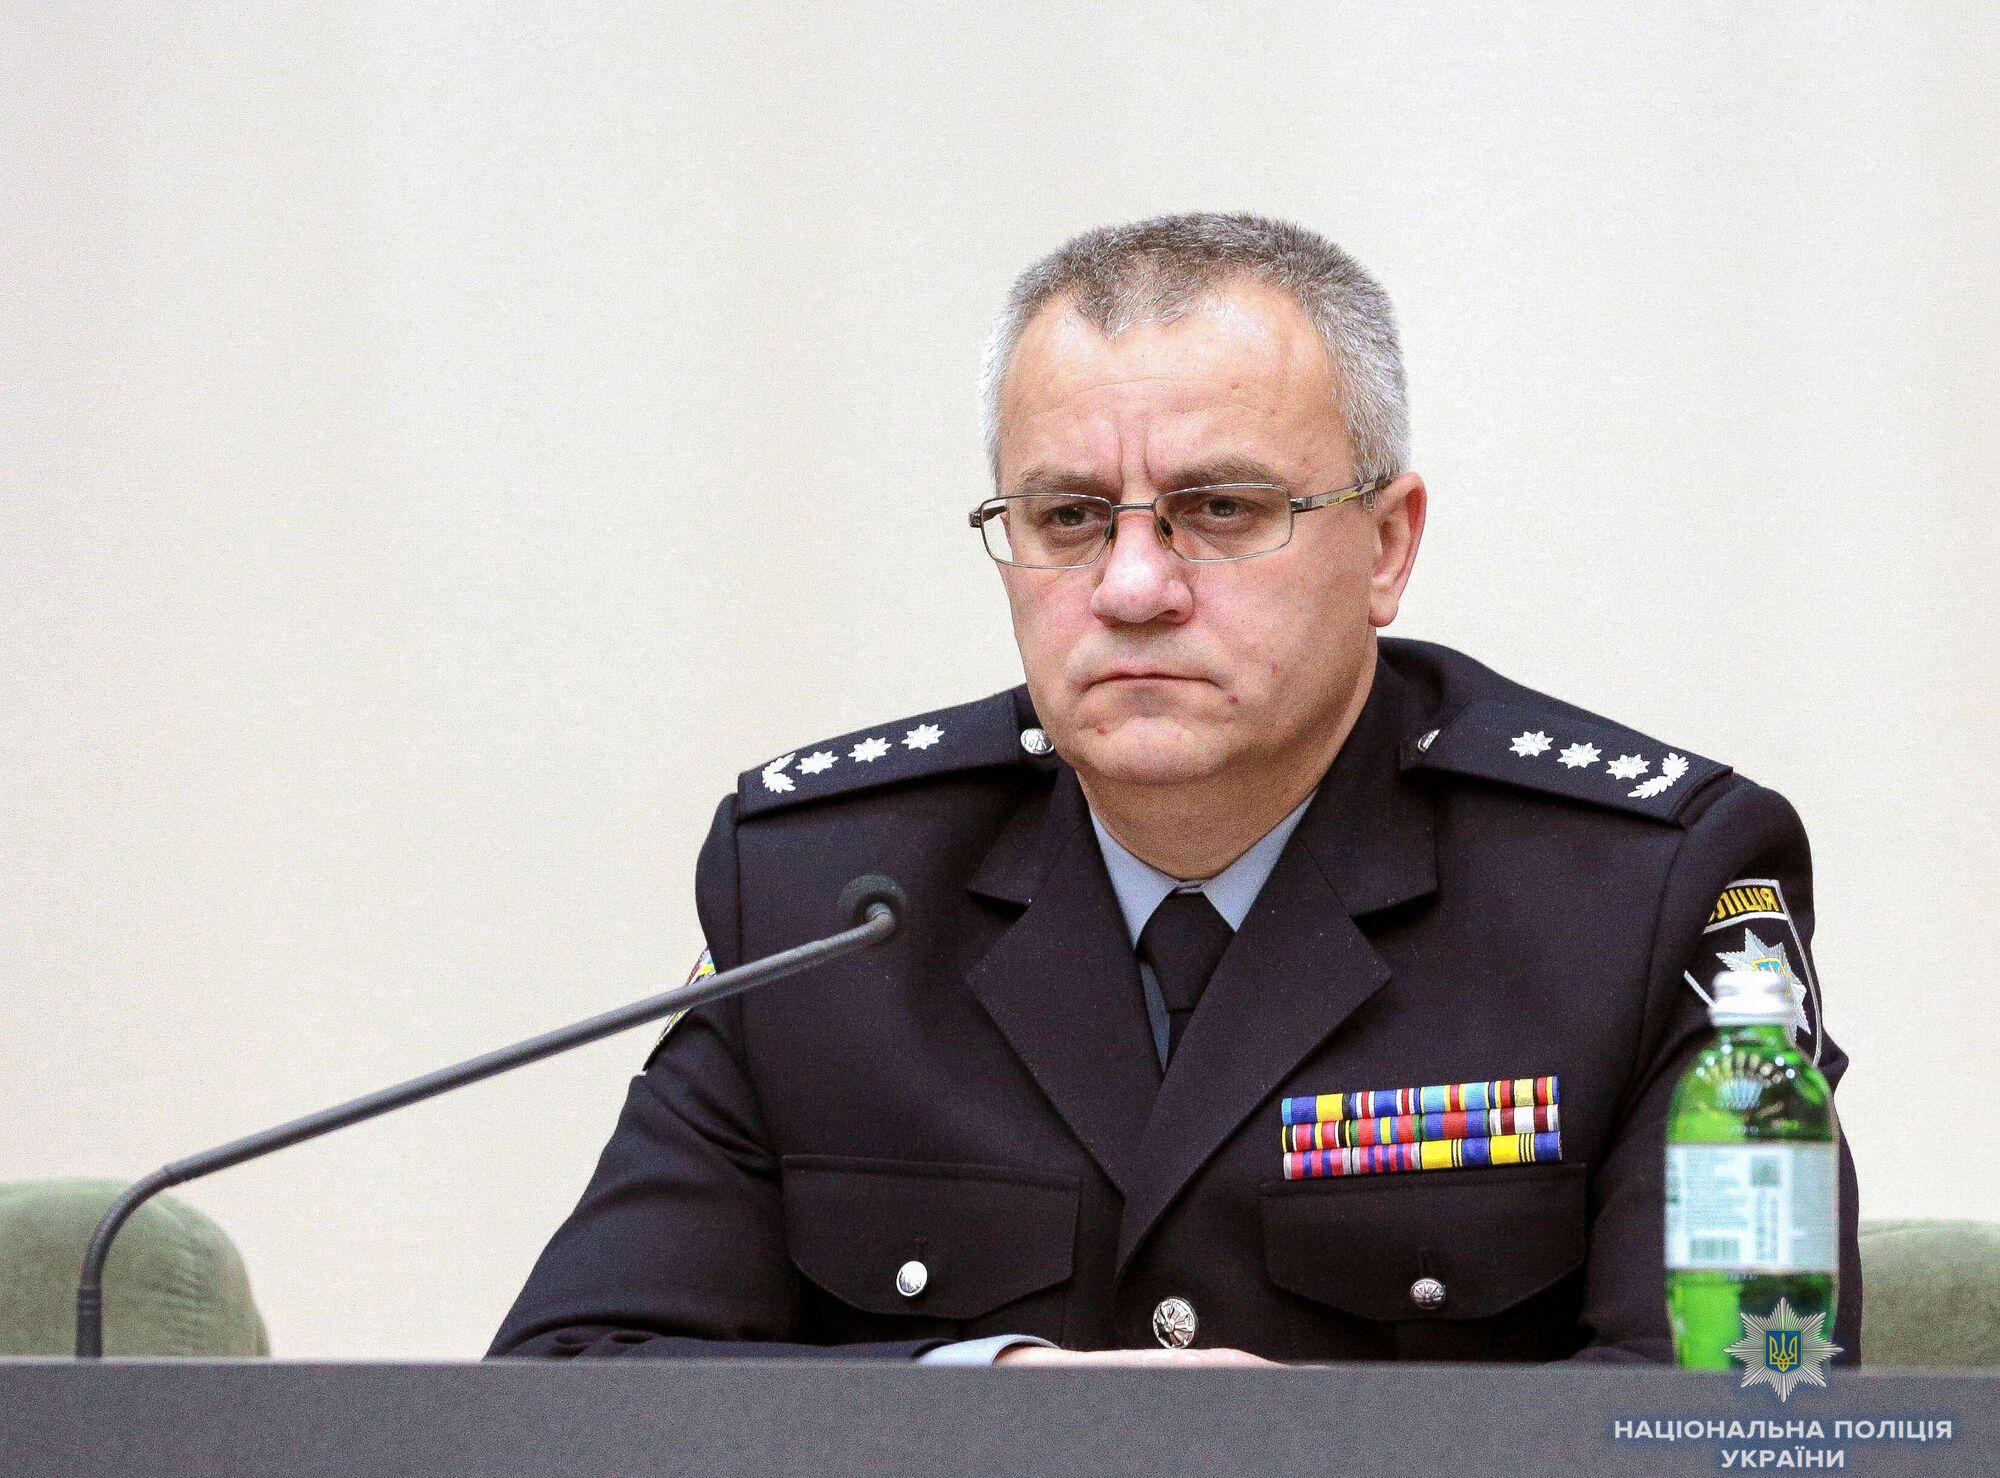 Виталий Невгад